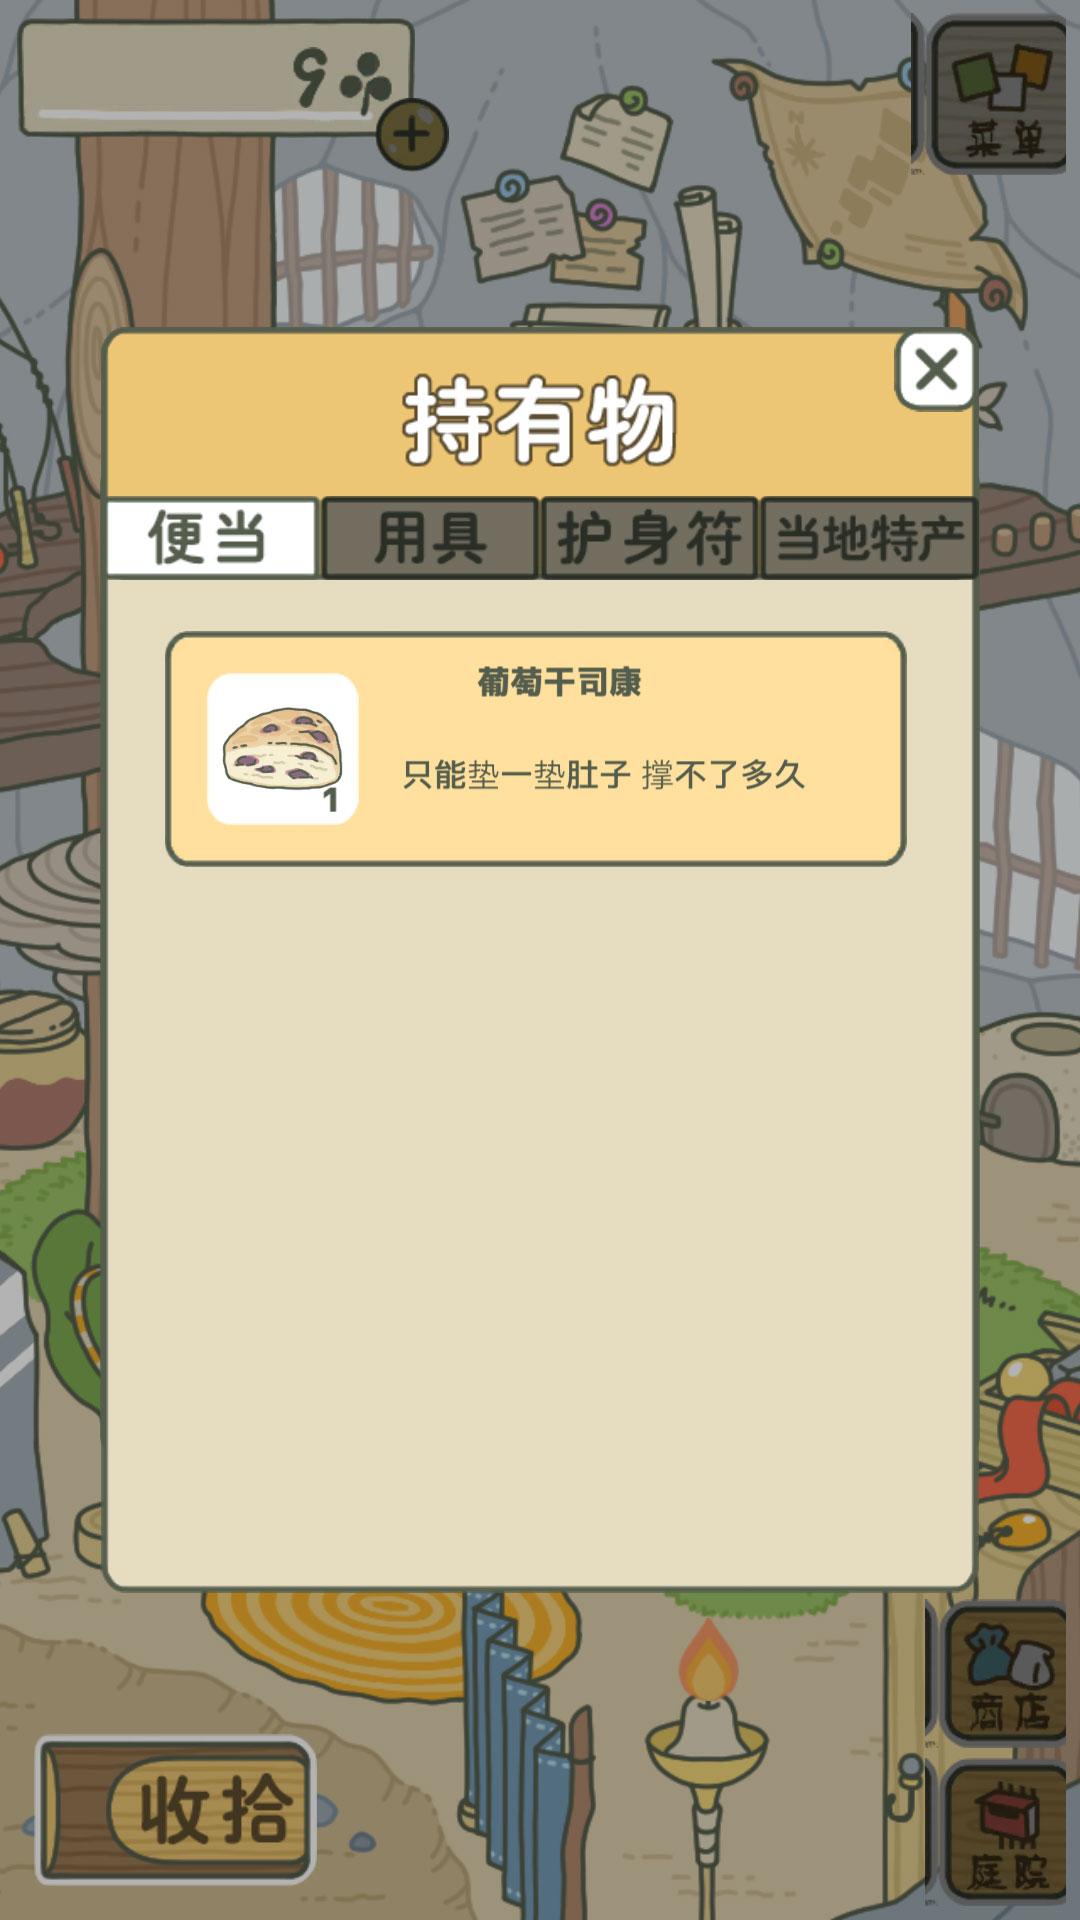 旅行青蛙中文版 V1.0.01 安卓版截图4